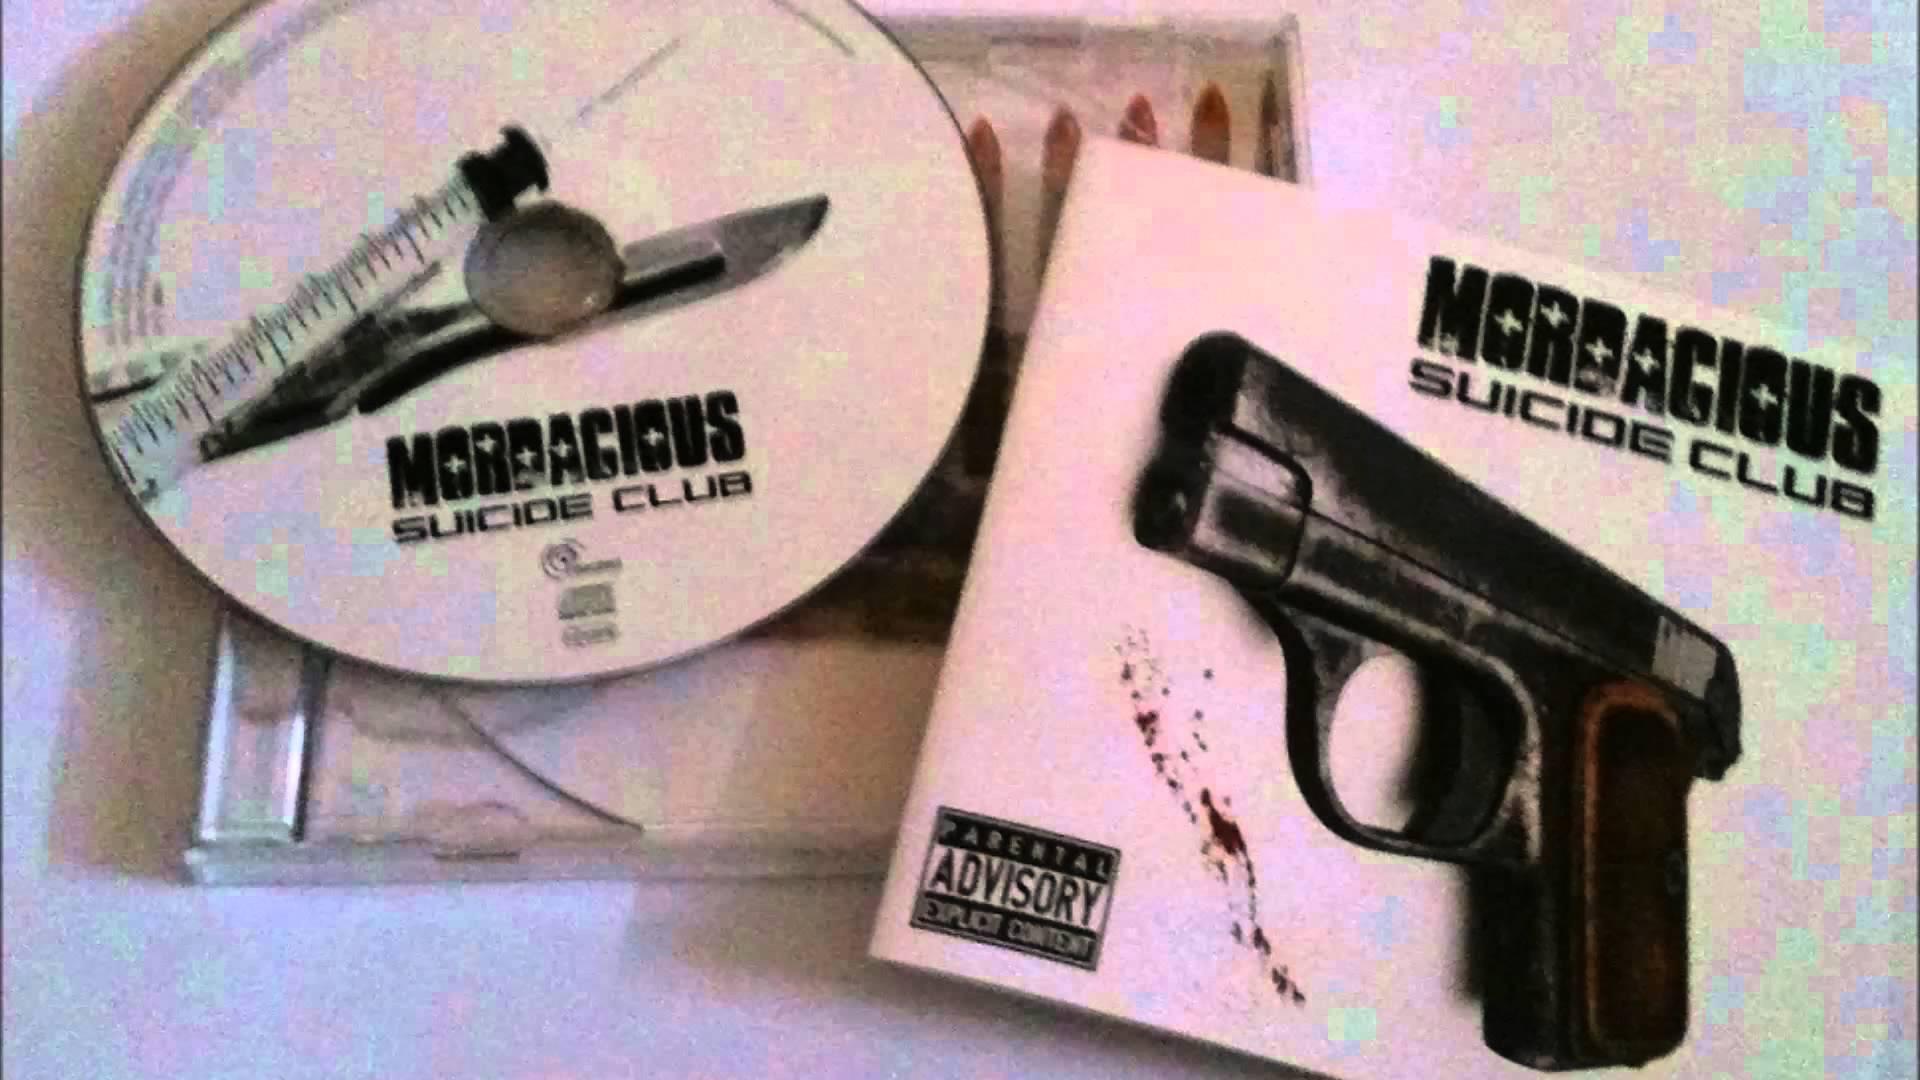 Mordacious - Execute